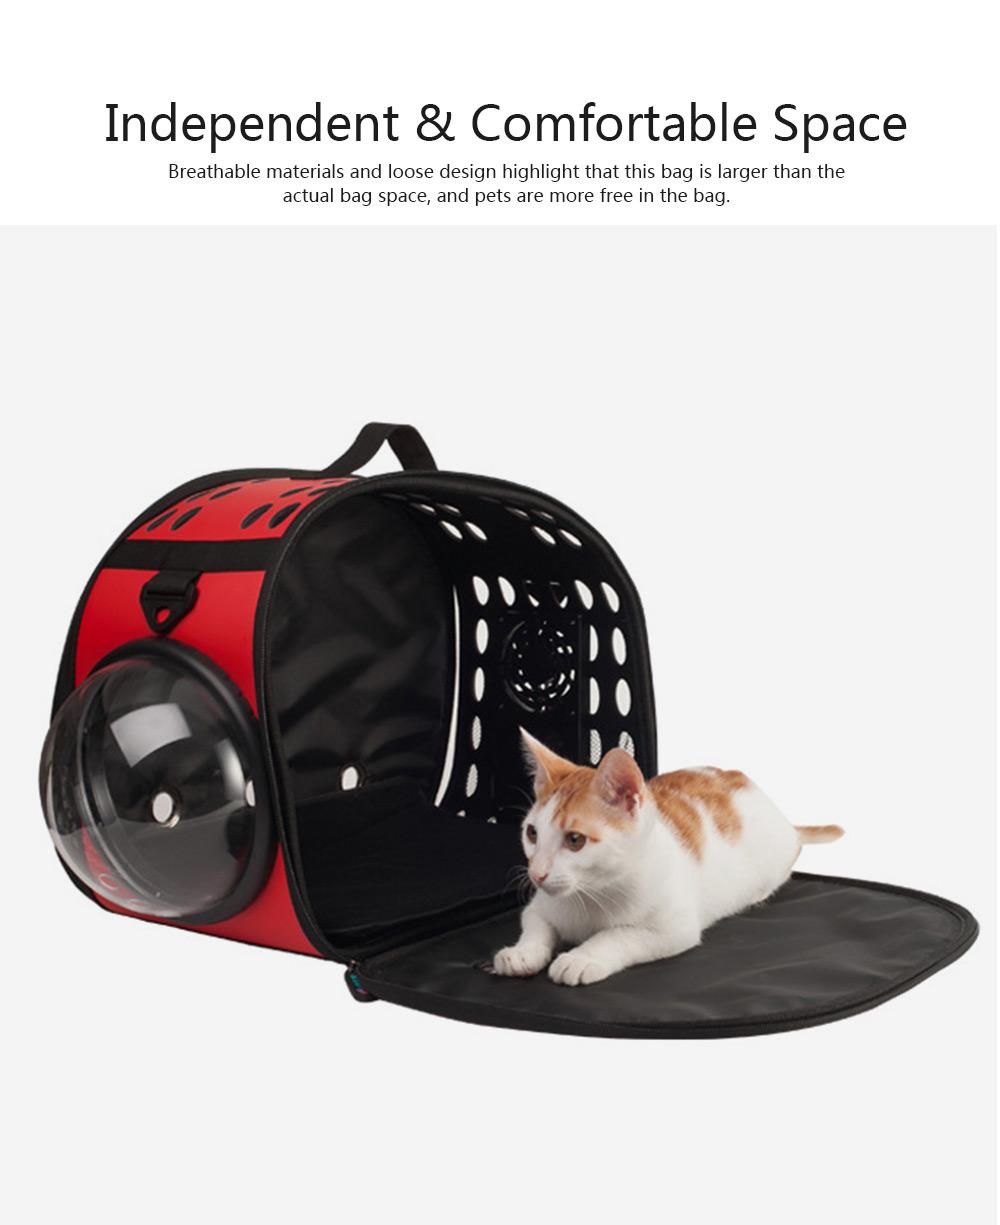 Pet Bag Intelligent Cooling EVA Puppy Travel Cage Portable Collapsible One Shoulder Handbag for Pet Dog Cat Travel Bag 2